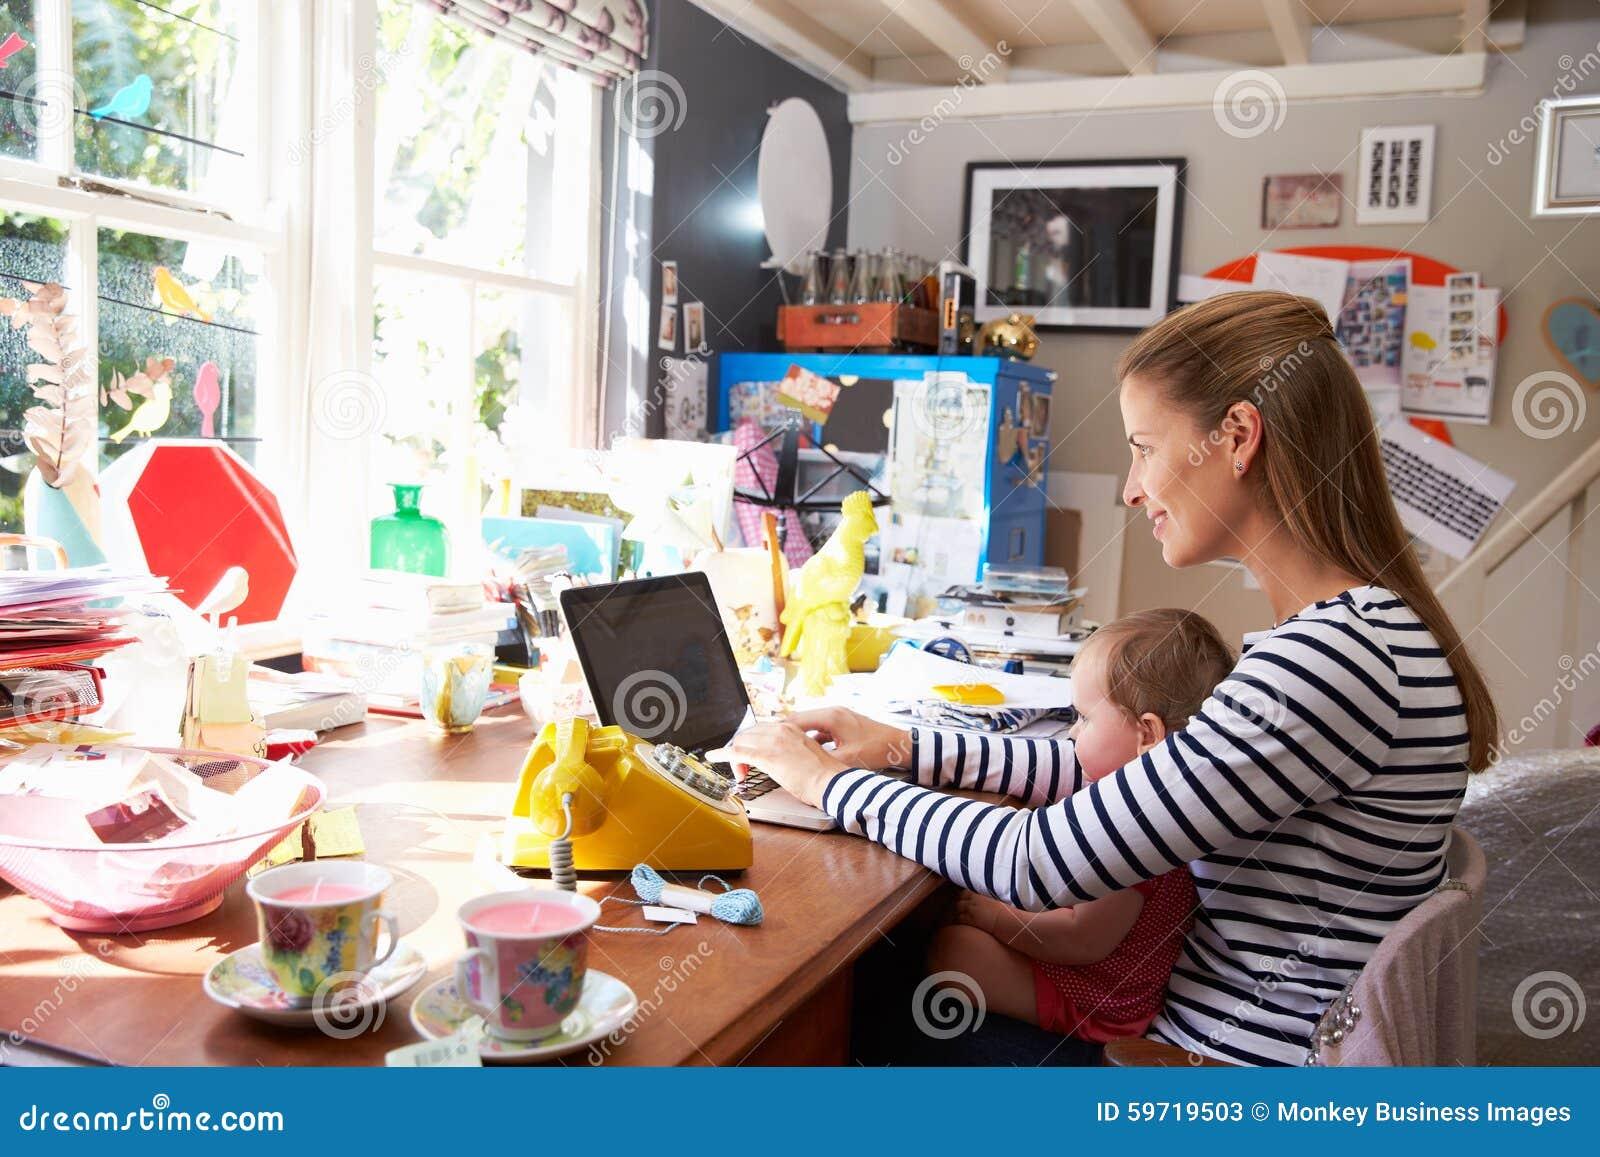 Mère avec la fille courant la petite entreprise du siège social